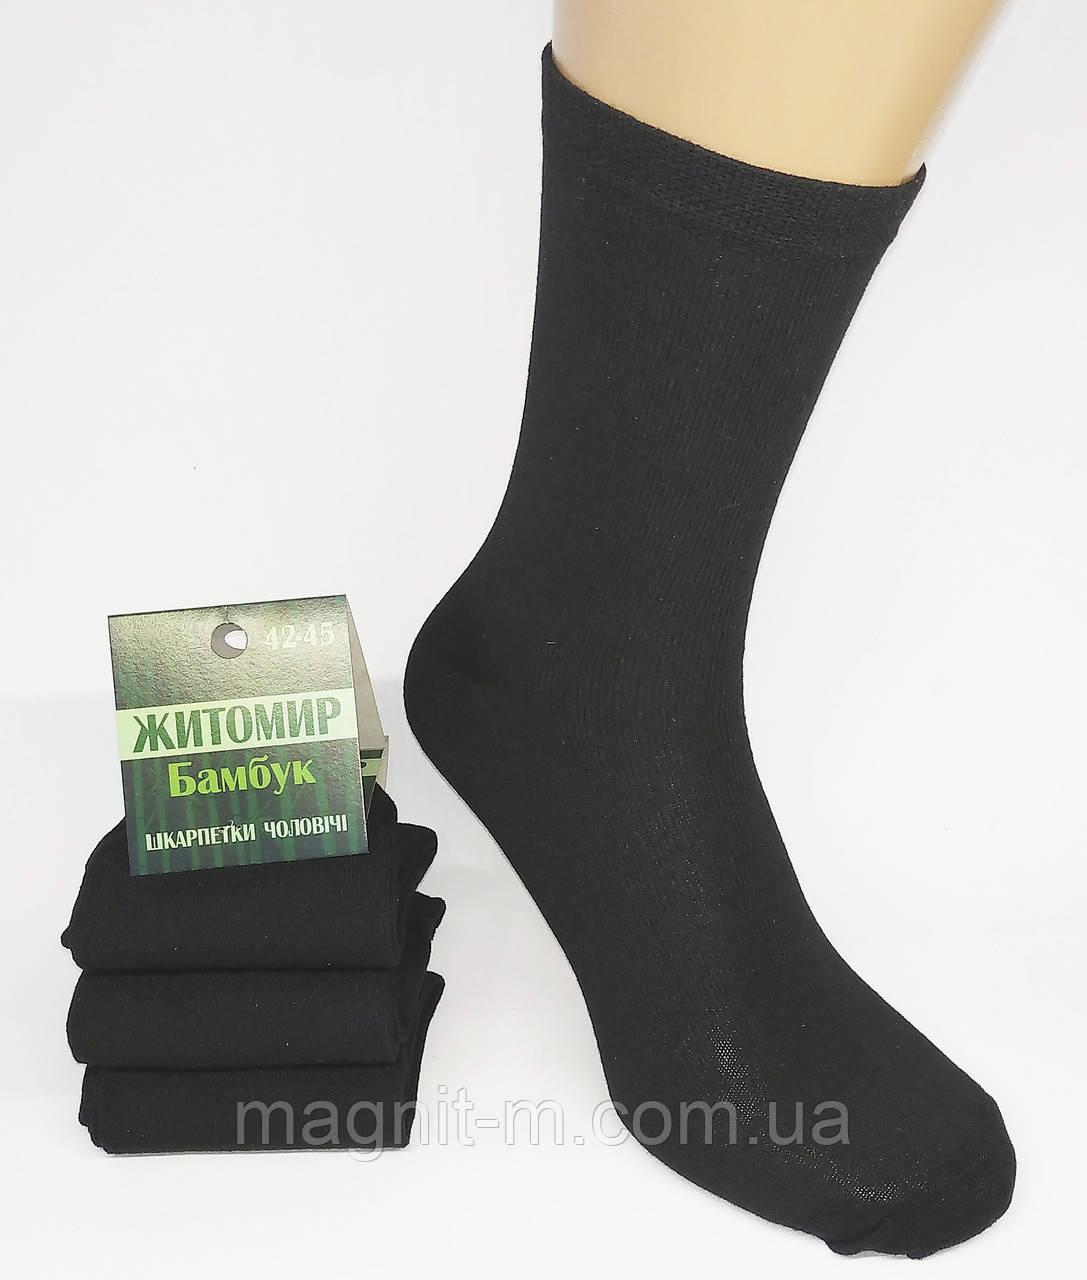 """Шкарпетки чоловічі всесезонні стрейчеві """"Житомир Бамбук"""". Чорні. Лайкра."""